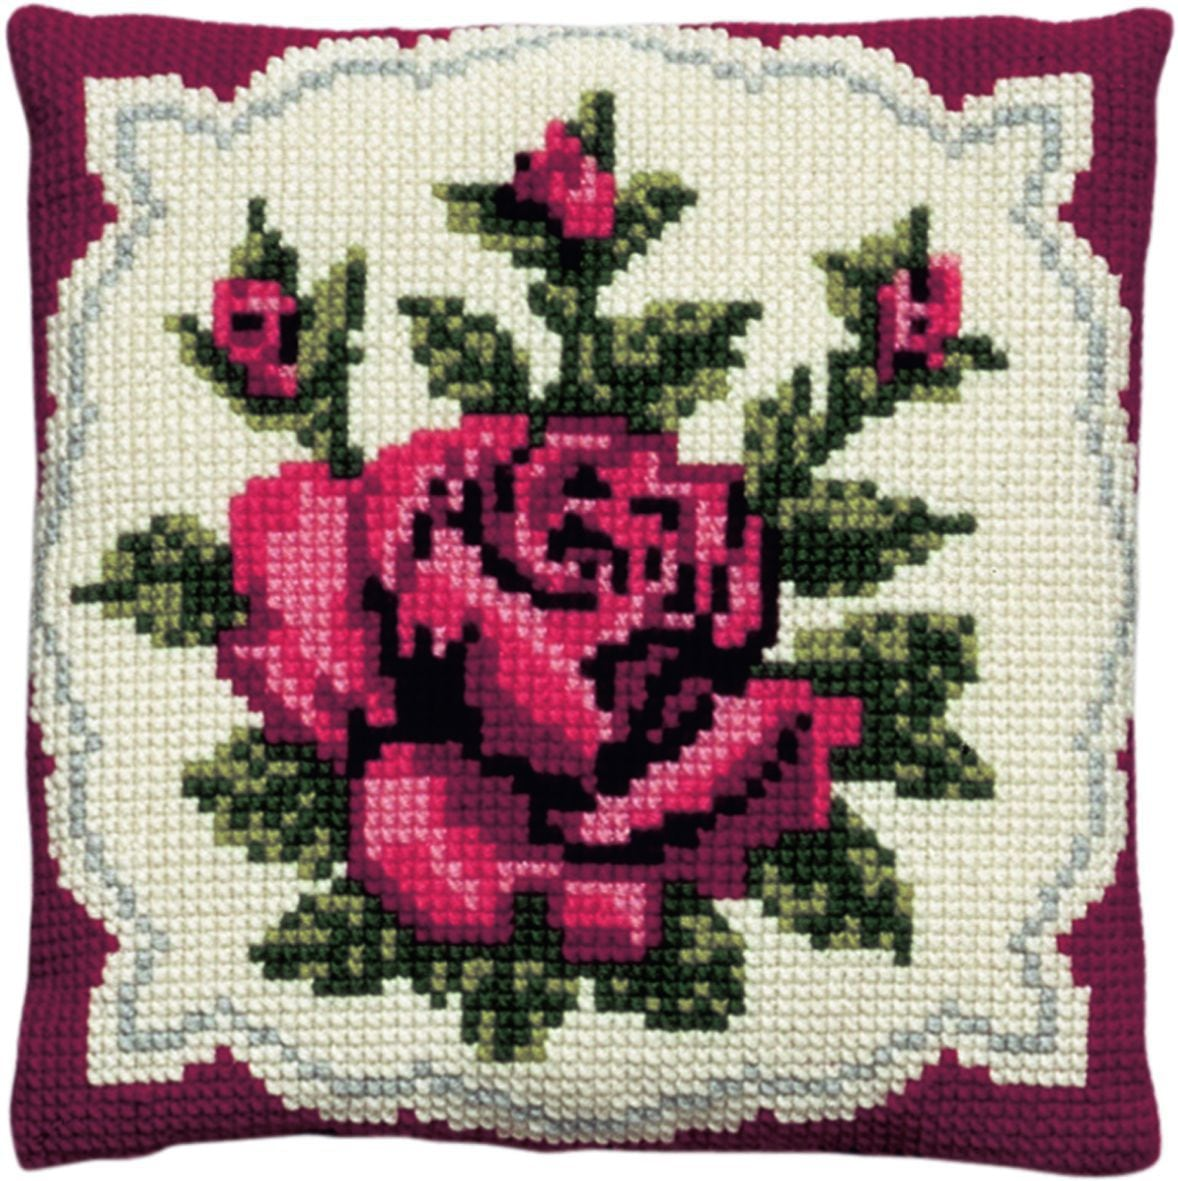 kussen klassiek rode roos borduurpakket